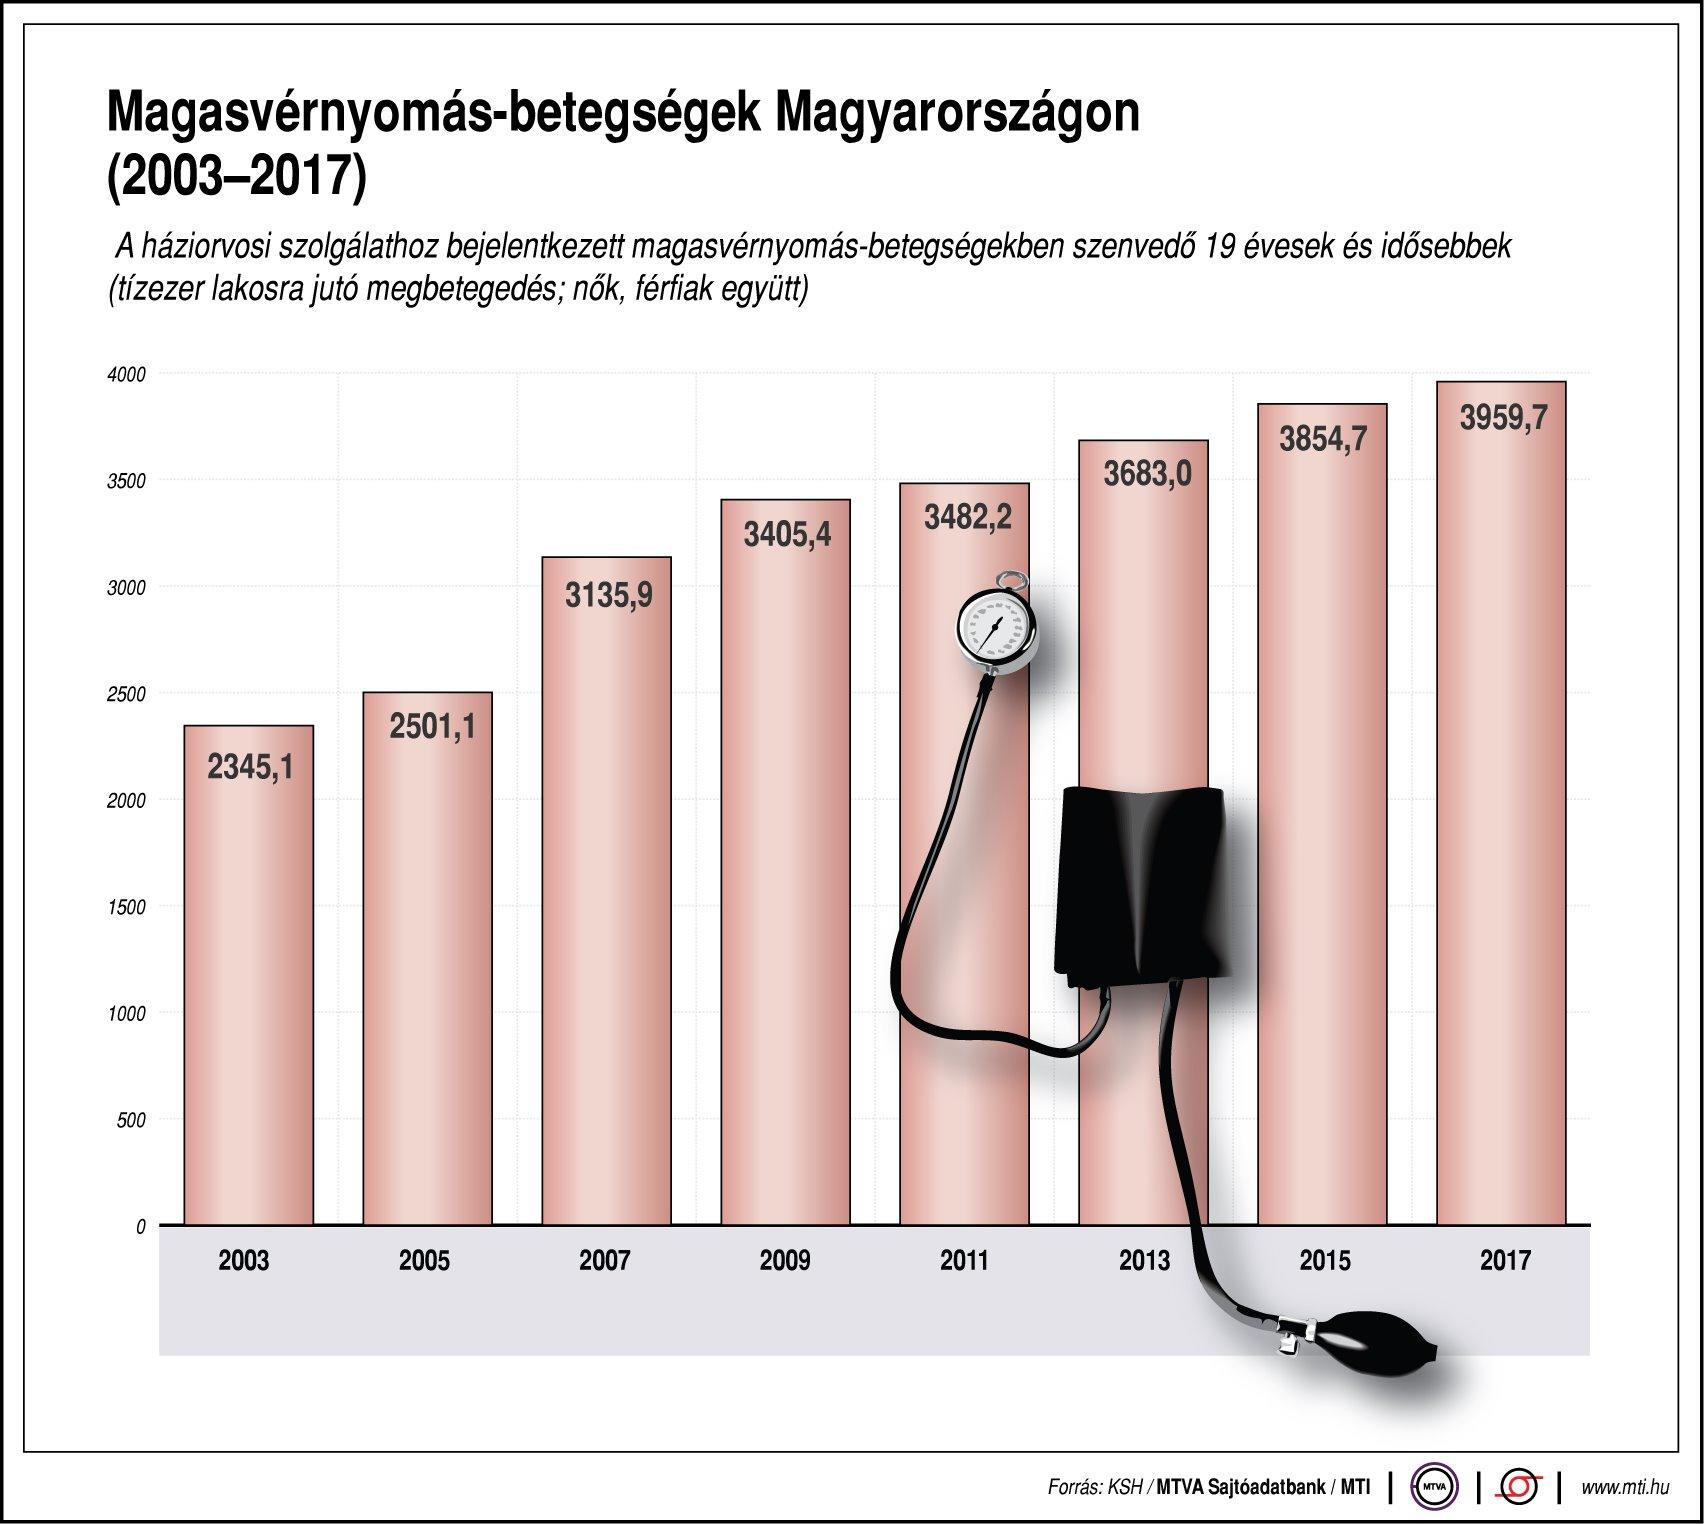 hipertónia nélküli világ hogyan lehet meghatározni a magas vérnyomás kockázatának mértékét